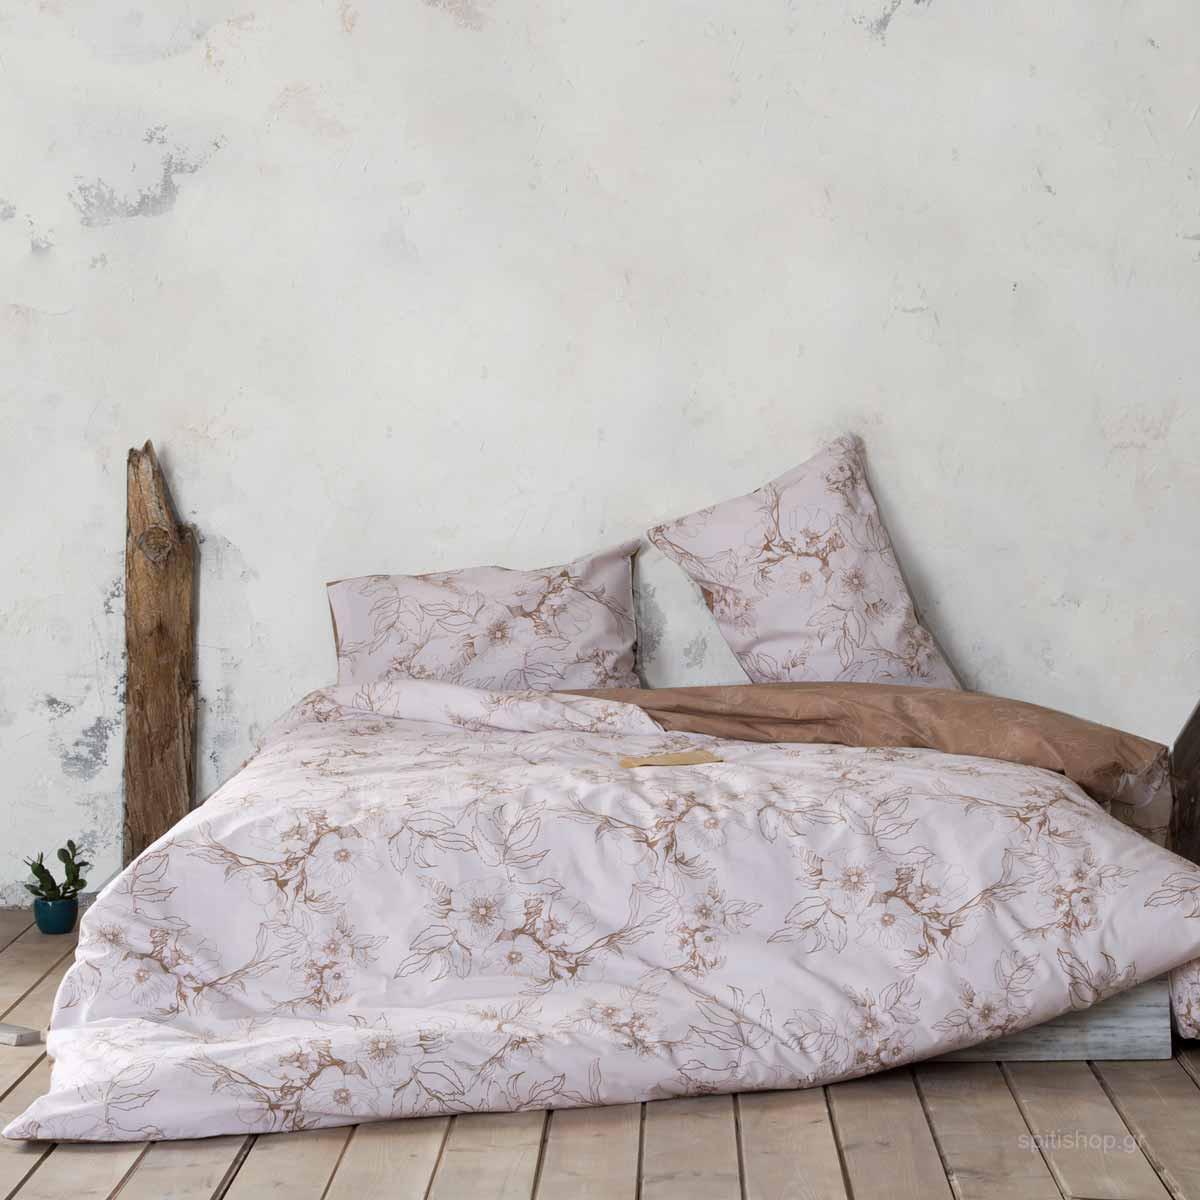 Σεντόνια King Size (Σετ) Nima Bed Linen Tabitha Beige ΧΩΡΙΣ ΛΑΣΤΙΧΟ 270×280 ΧΩΡΙΣ ΛΑΣΤΙΧΟ 270×280